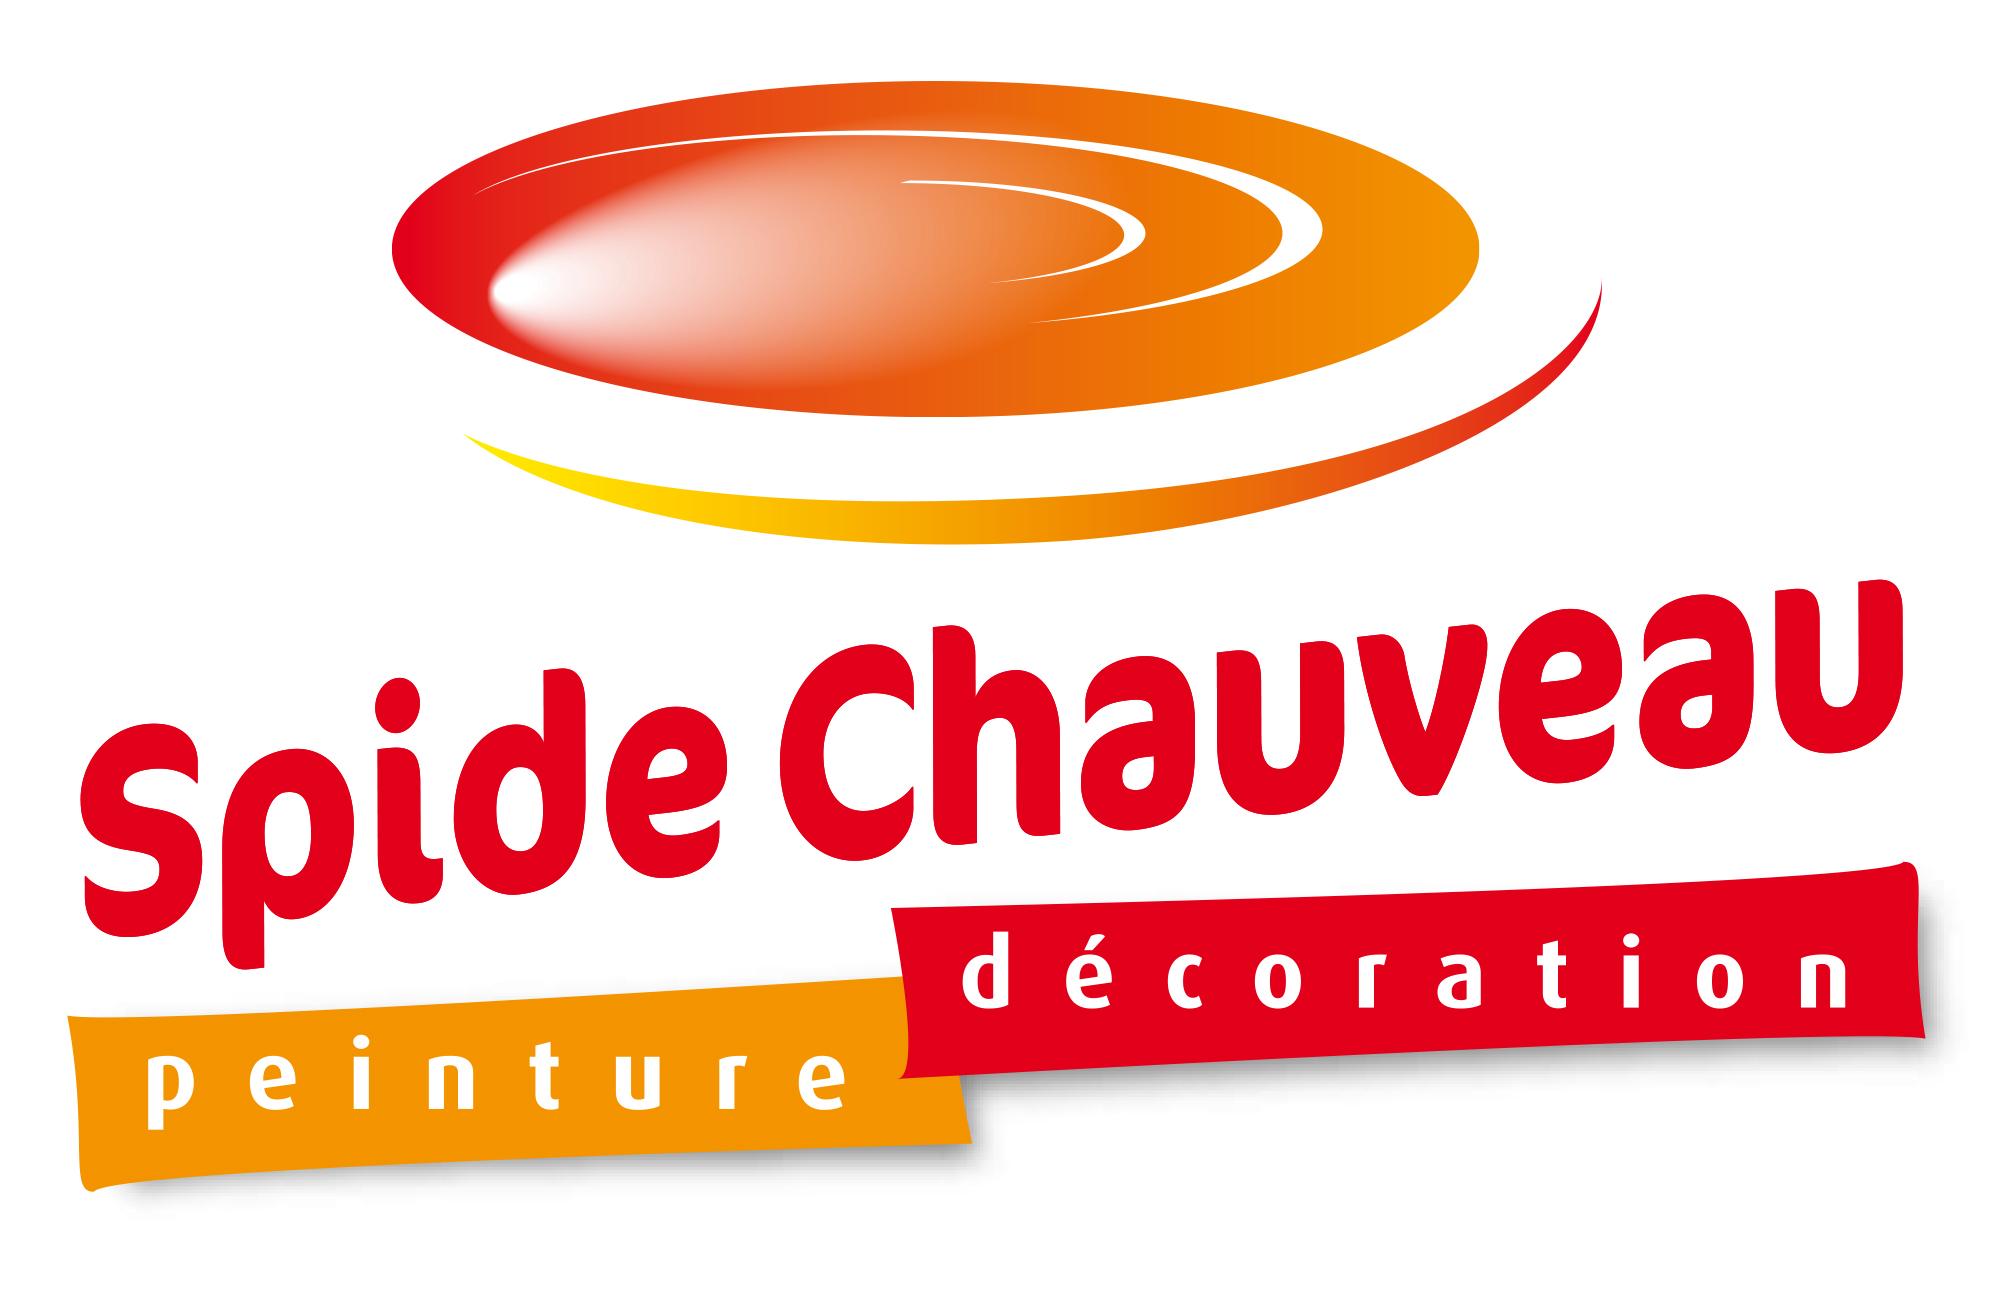 Spide Chauveau - Peinture et décoration depuis 1989